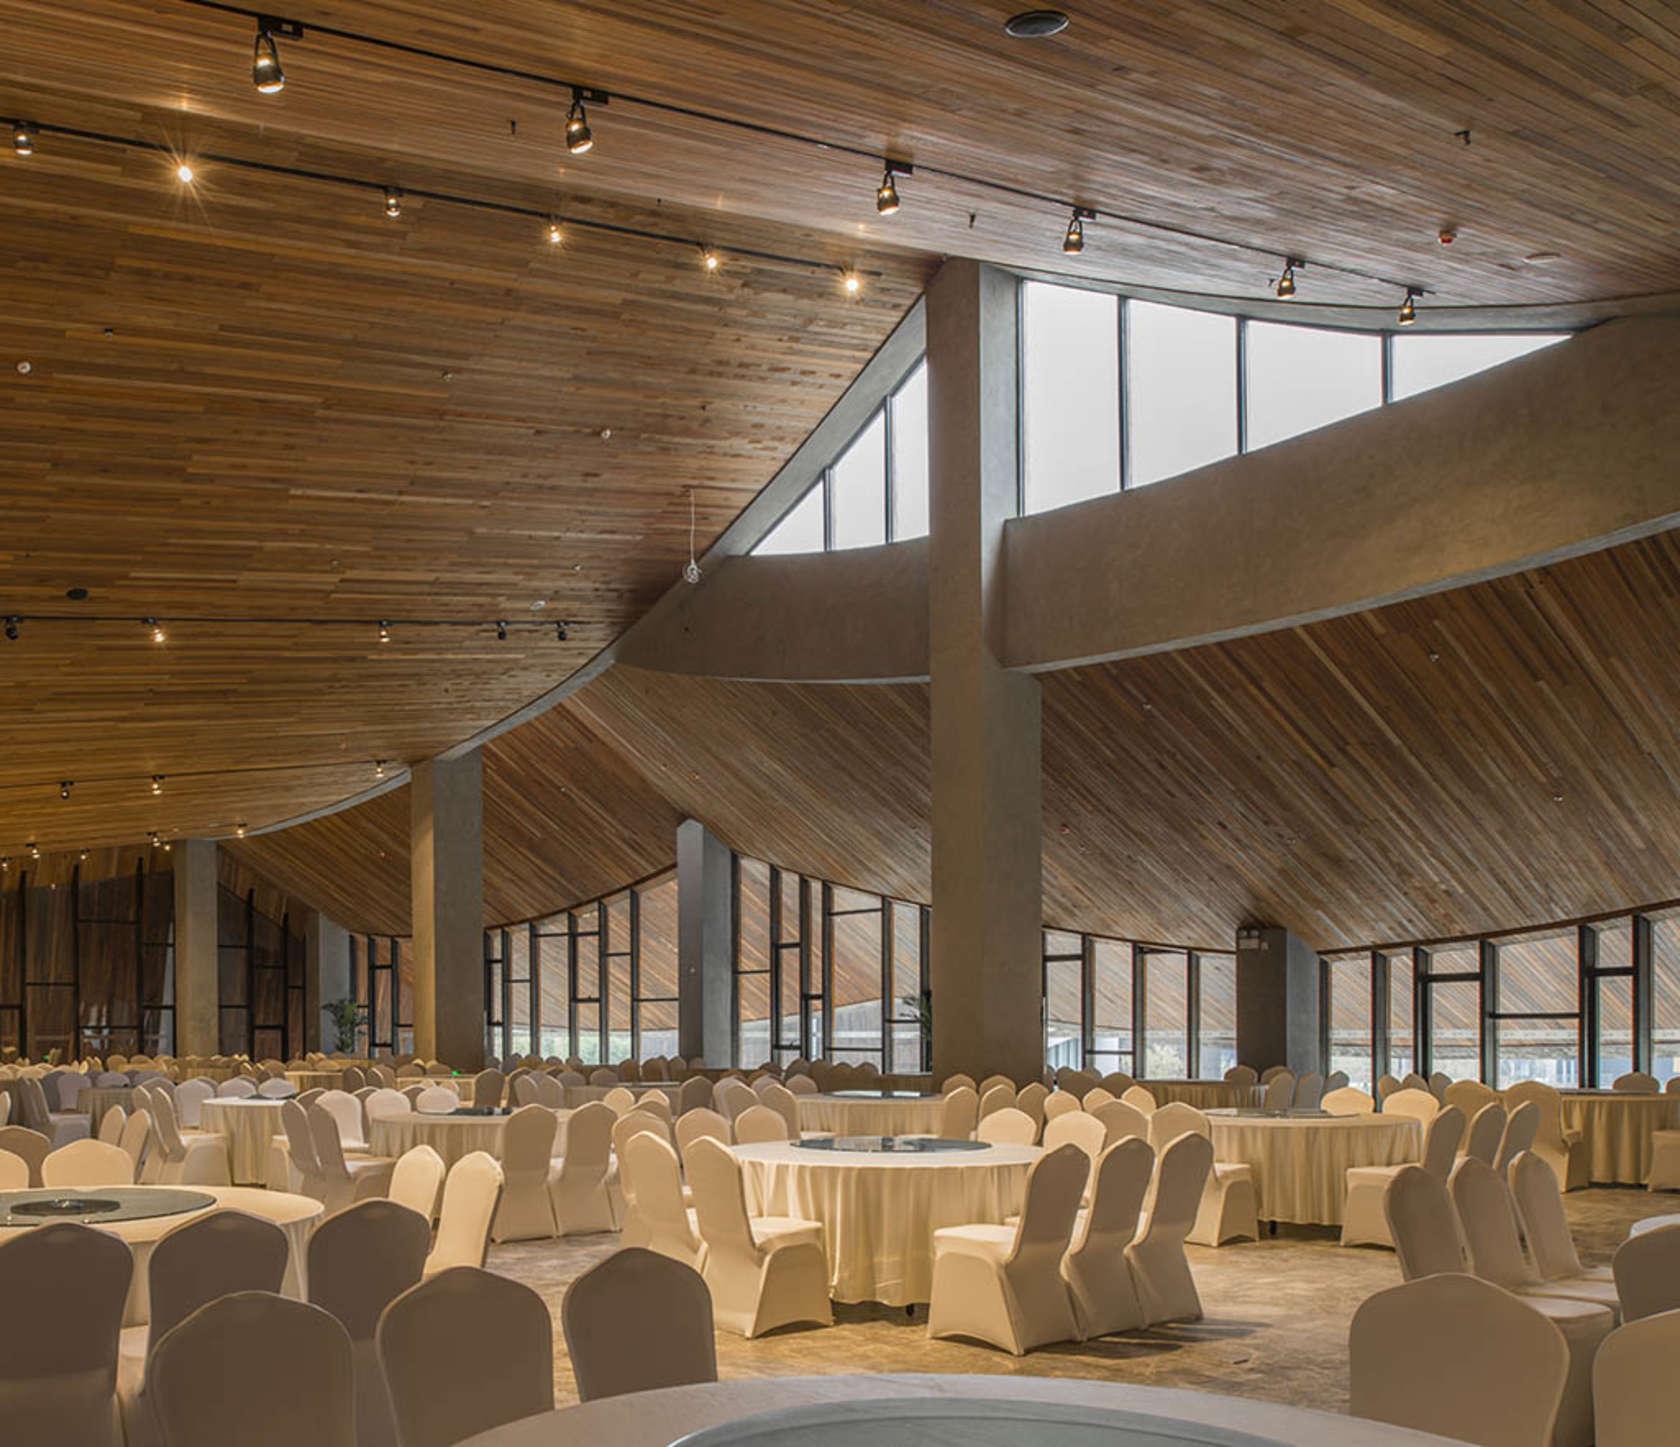 Fushengyu Hotspring resort by AIM ARCHITECTURE - Architizer